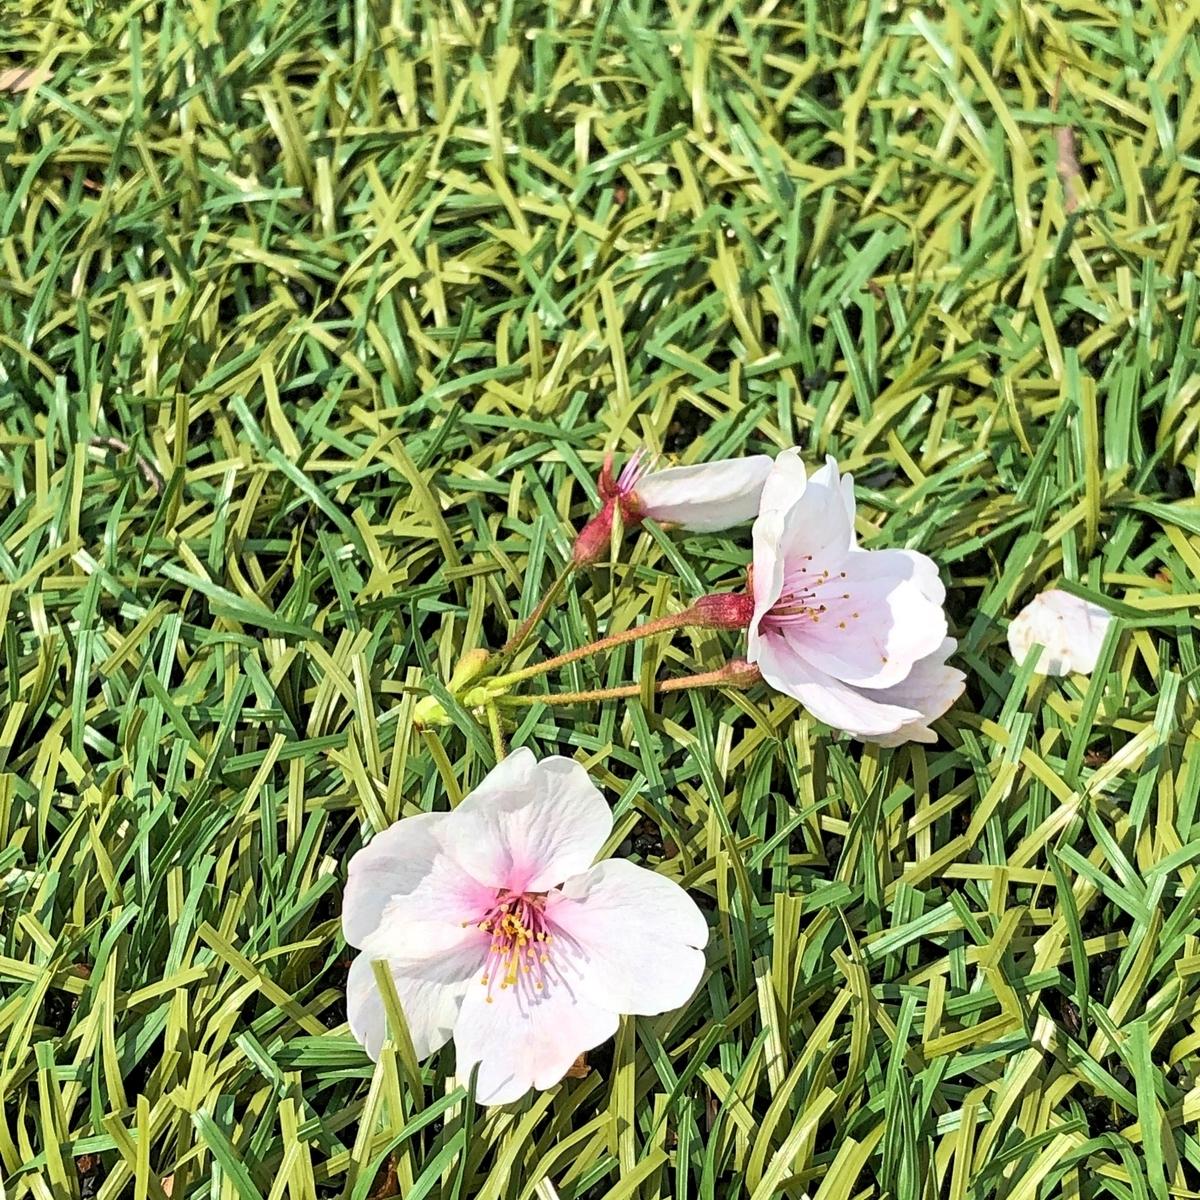 綺麗な芝の上の桜イメージ